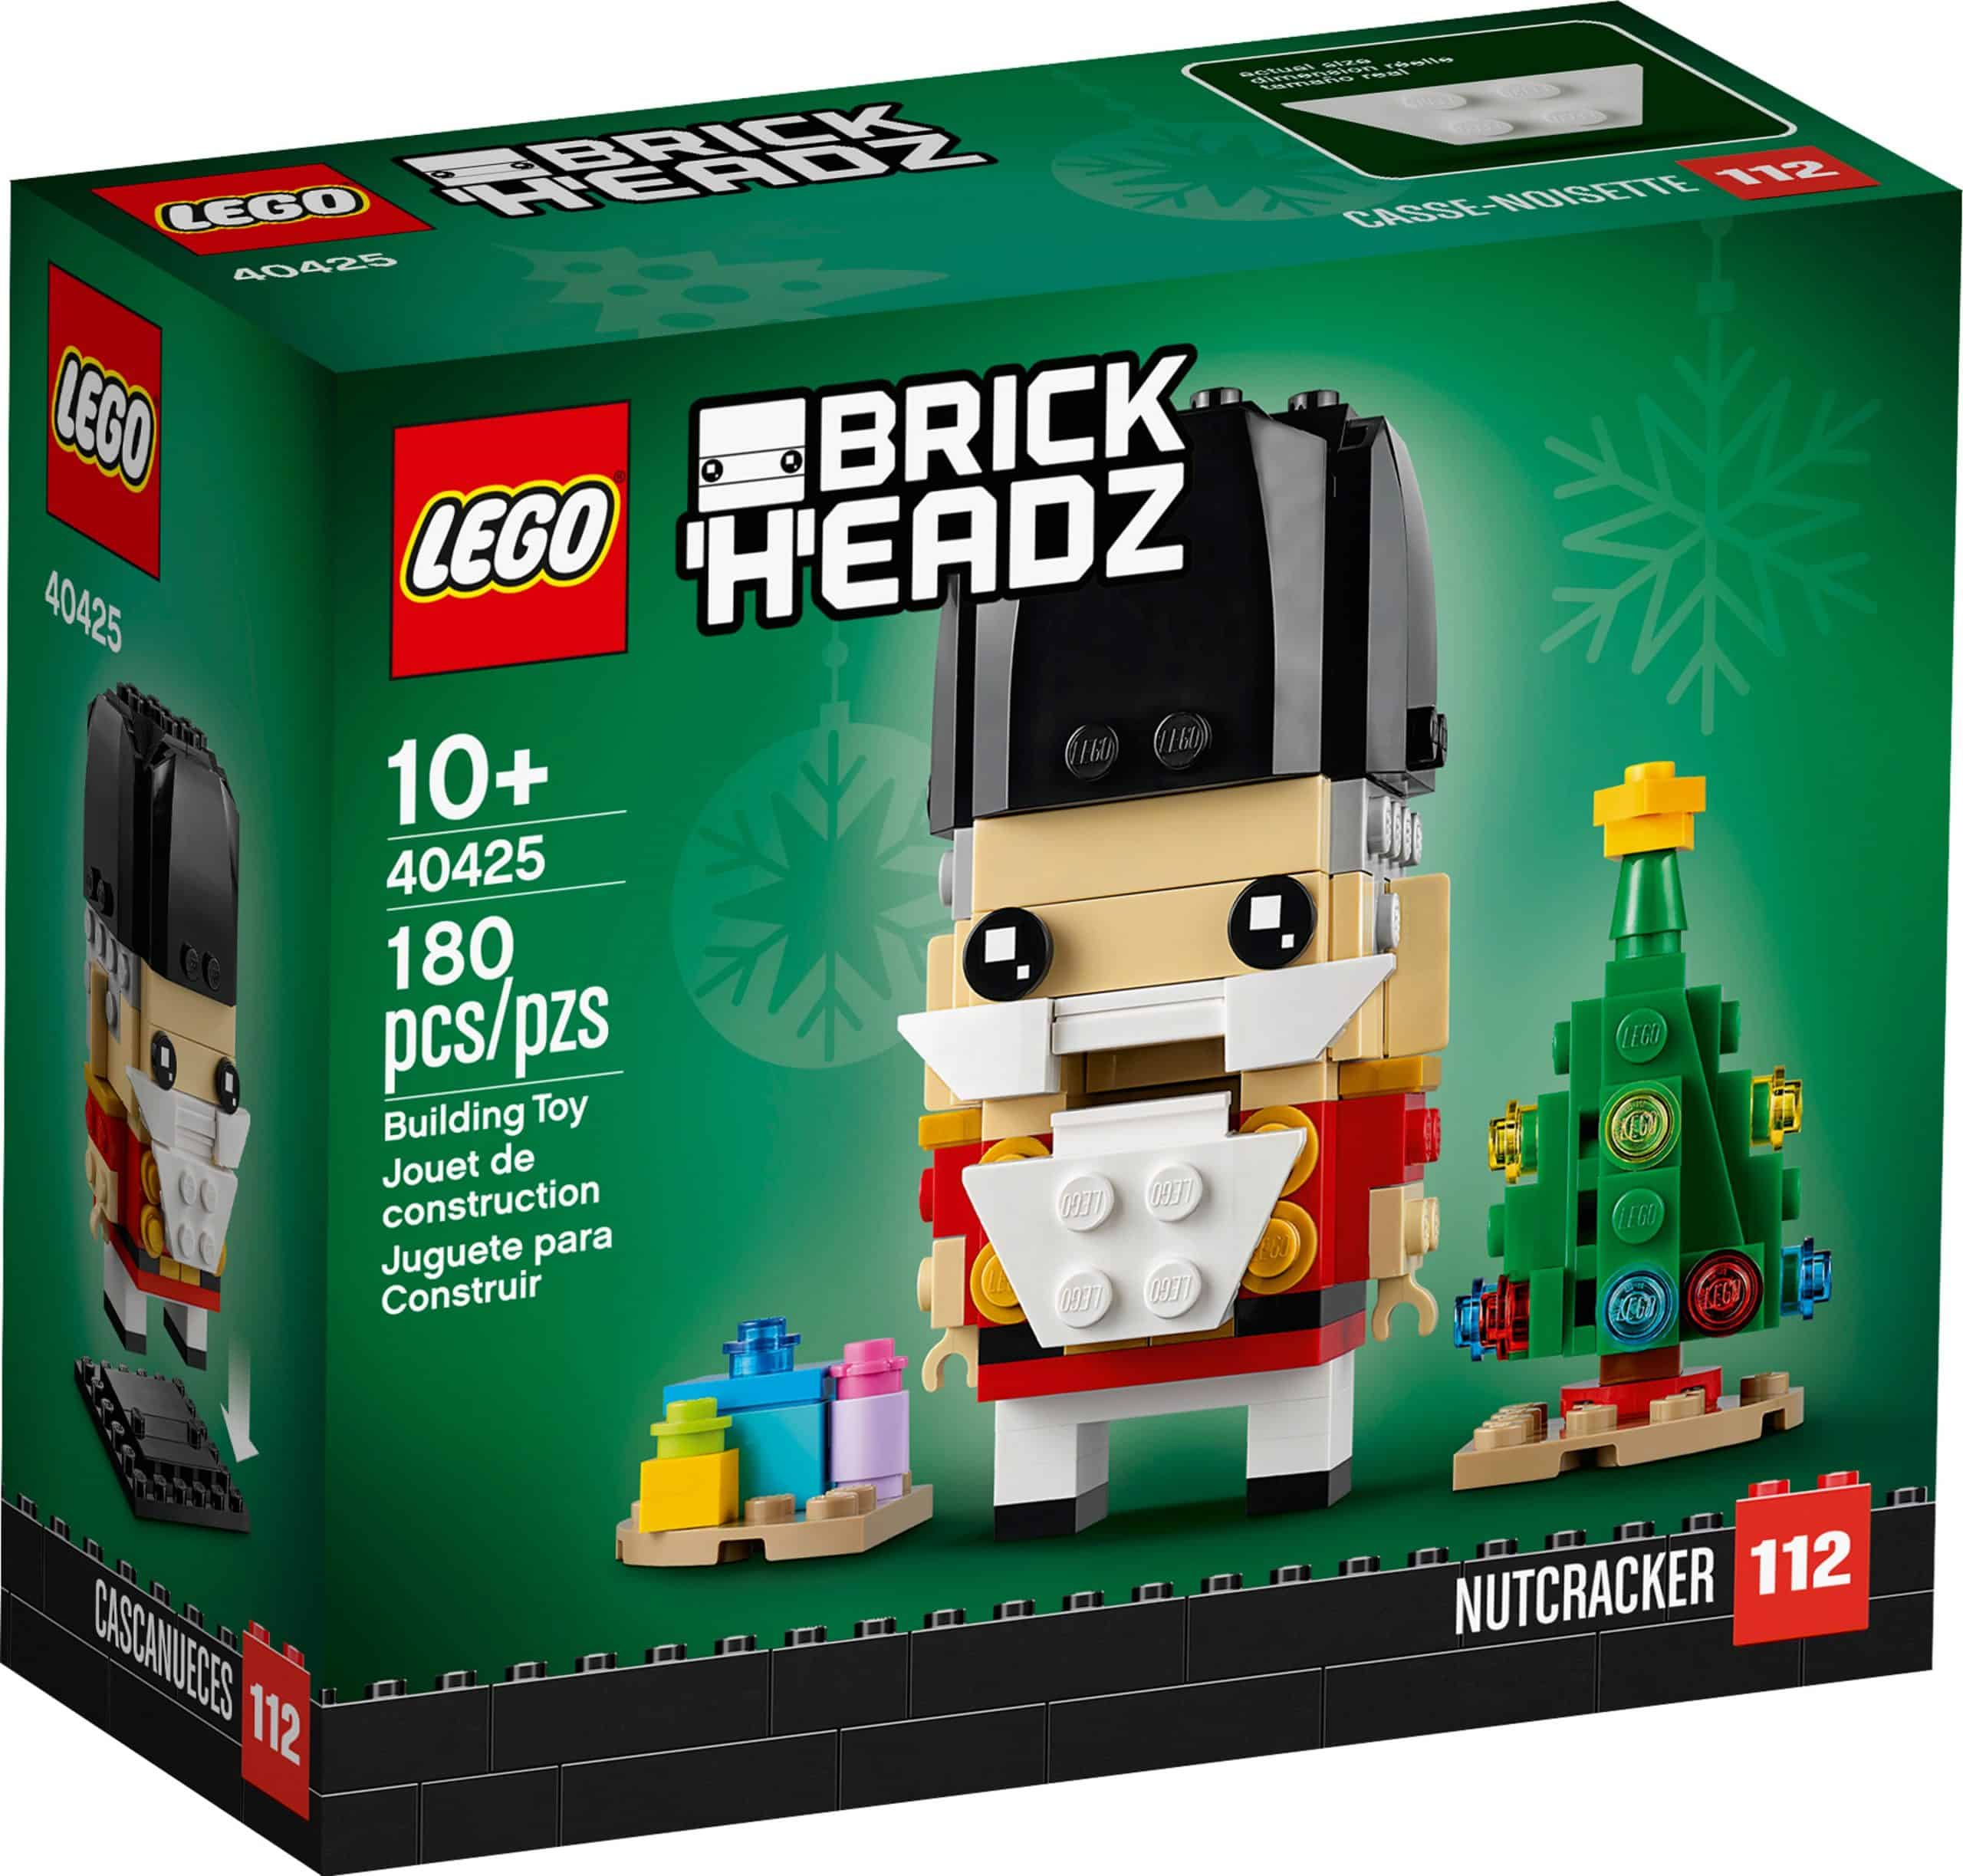 LEGO 40425 Nutcracker